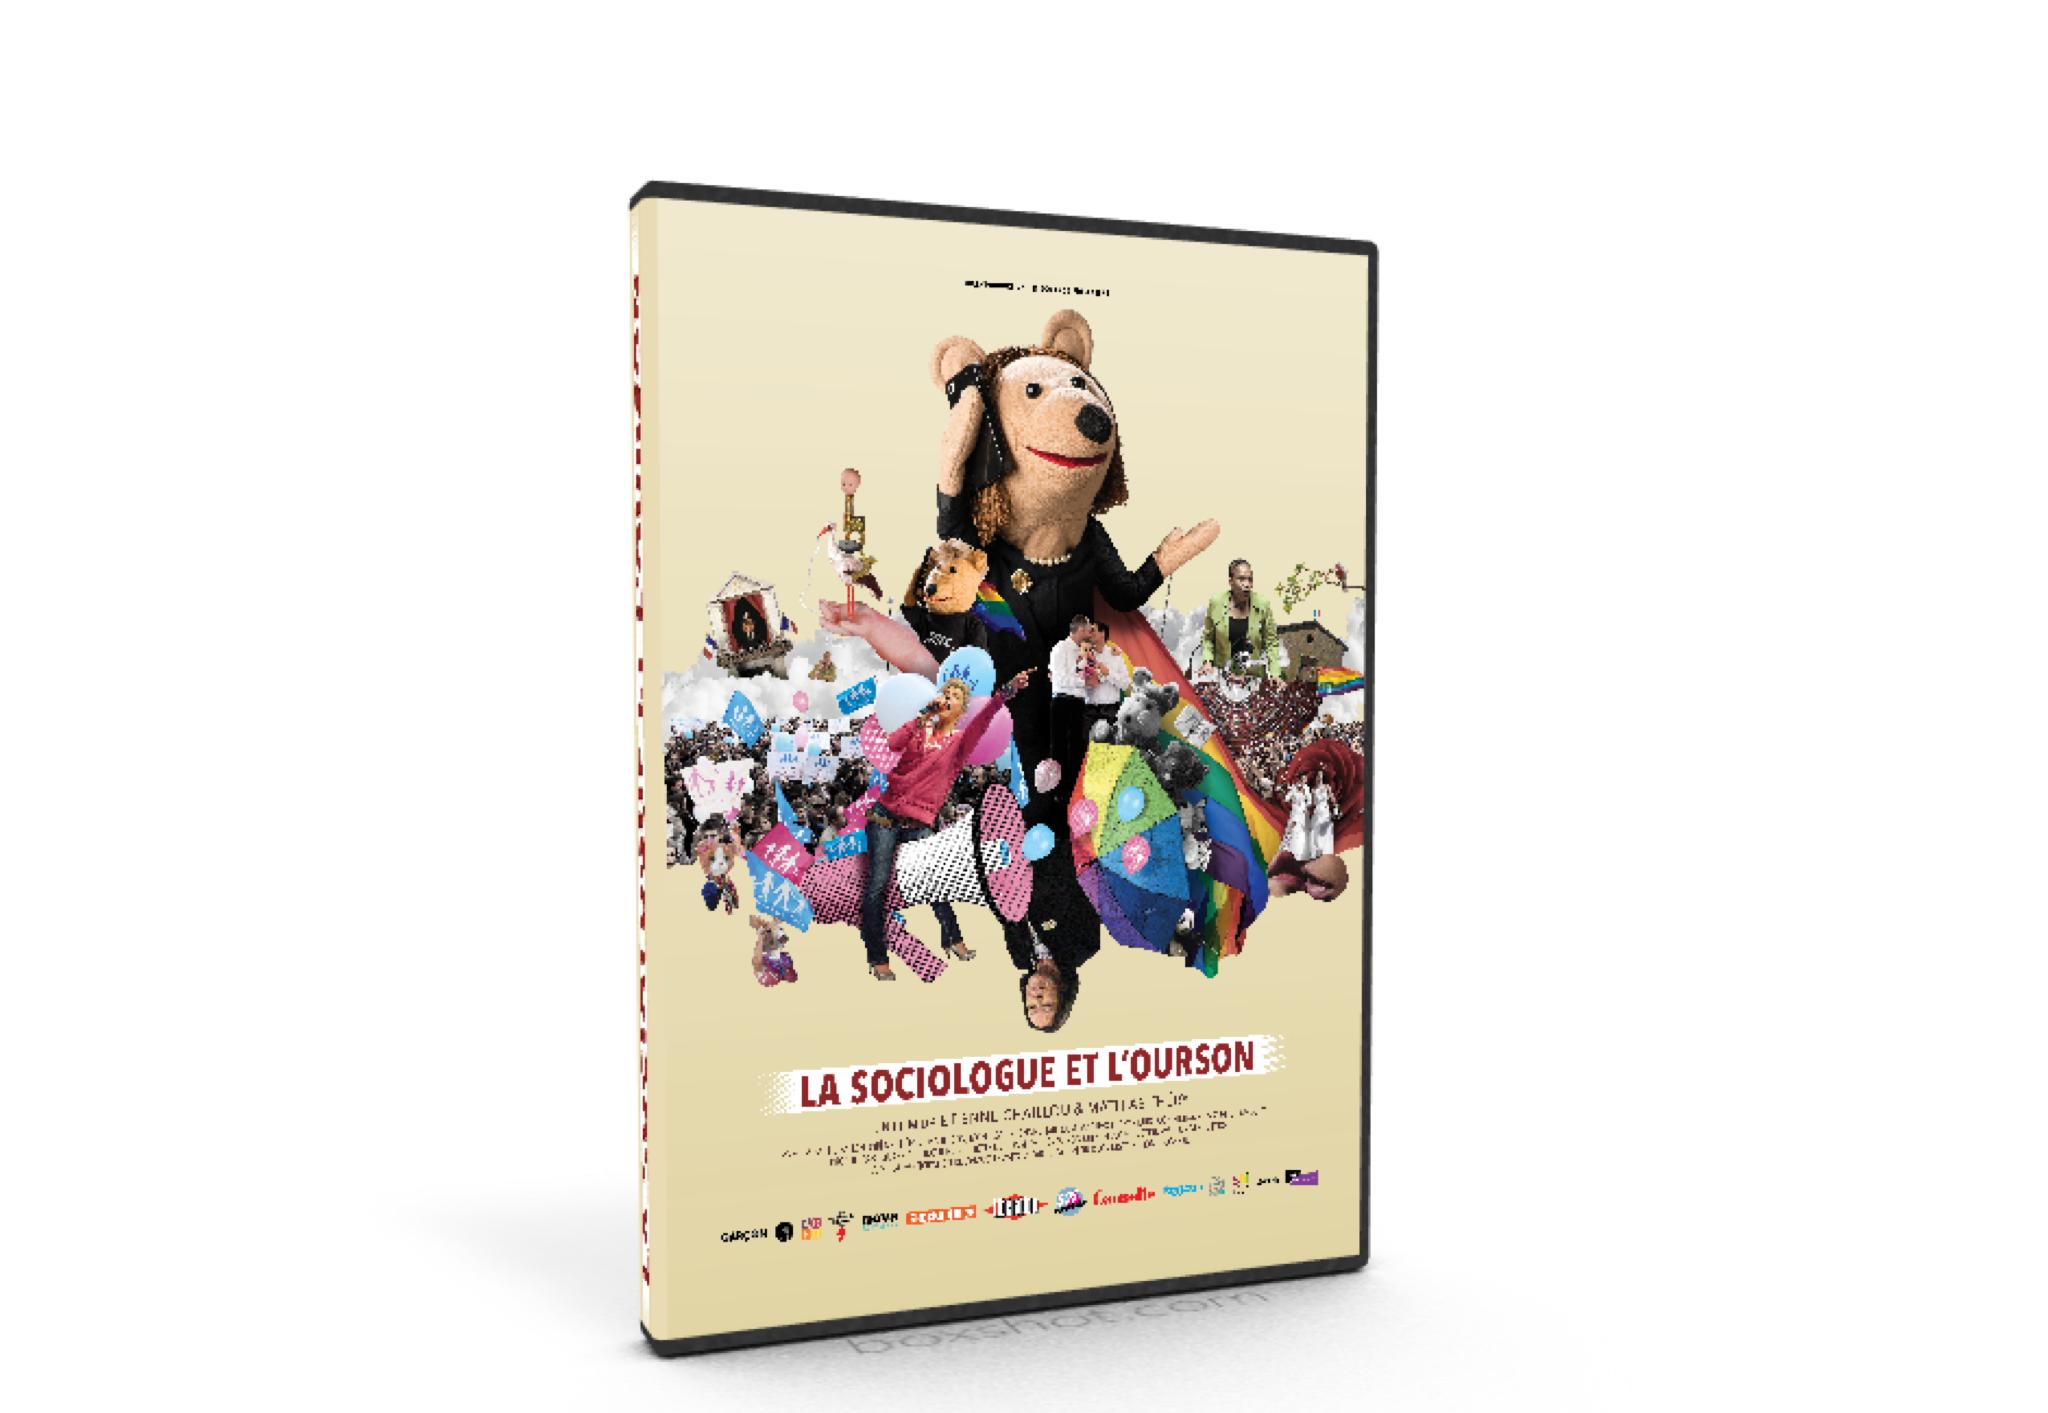 sociologue-et-lourson-dvd